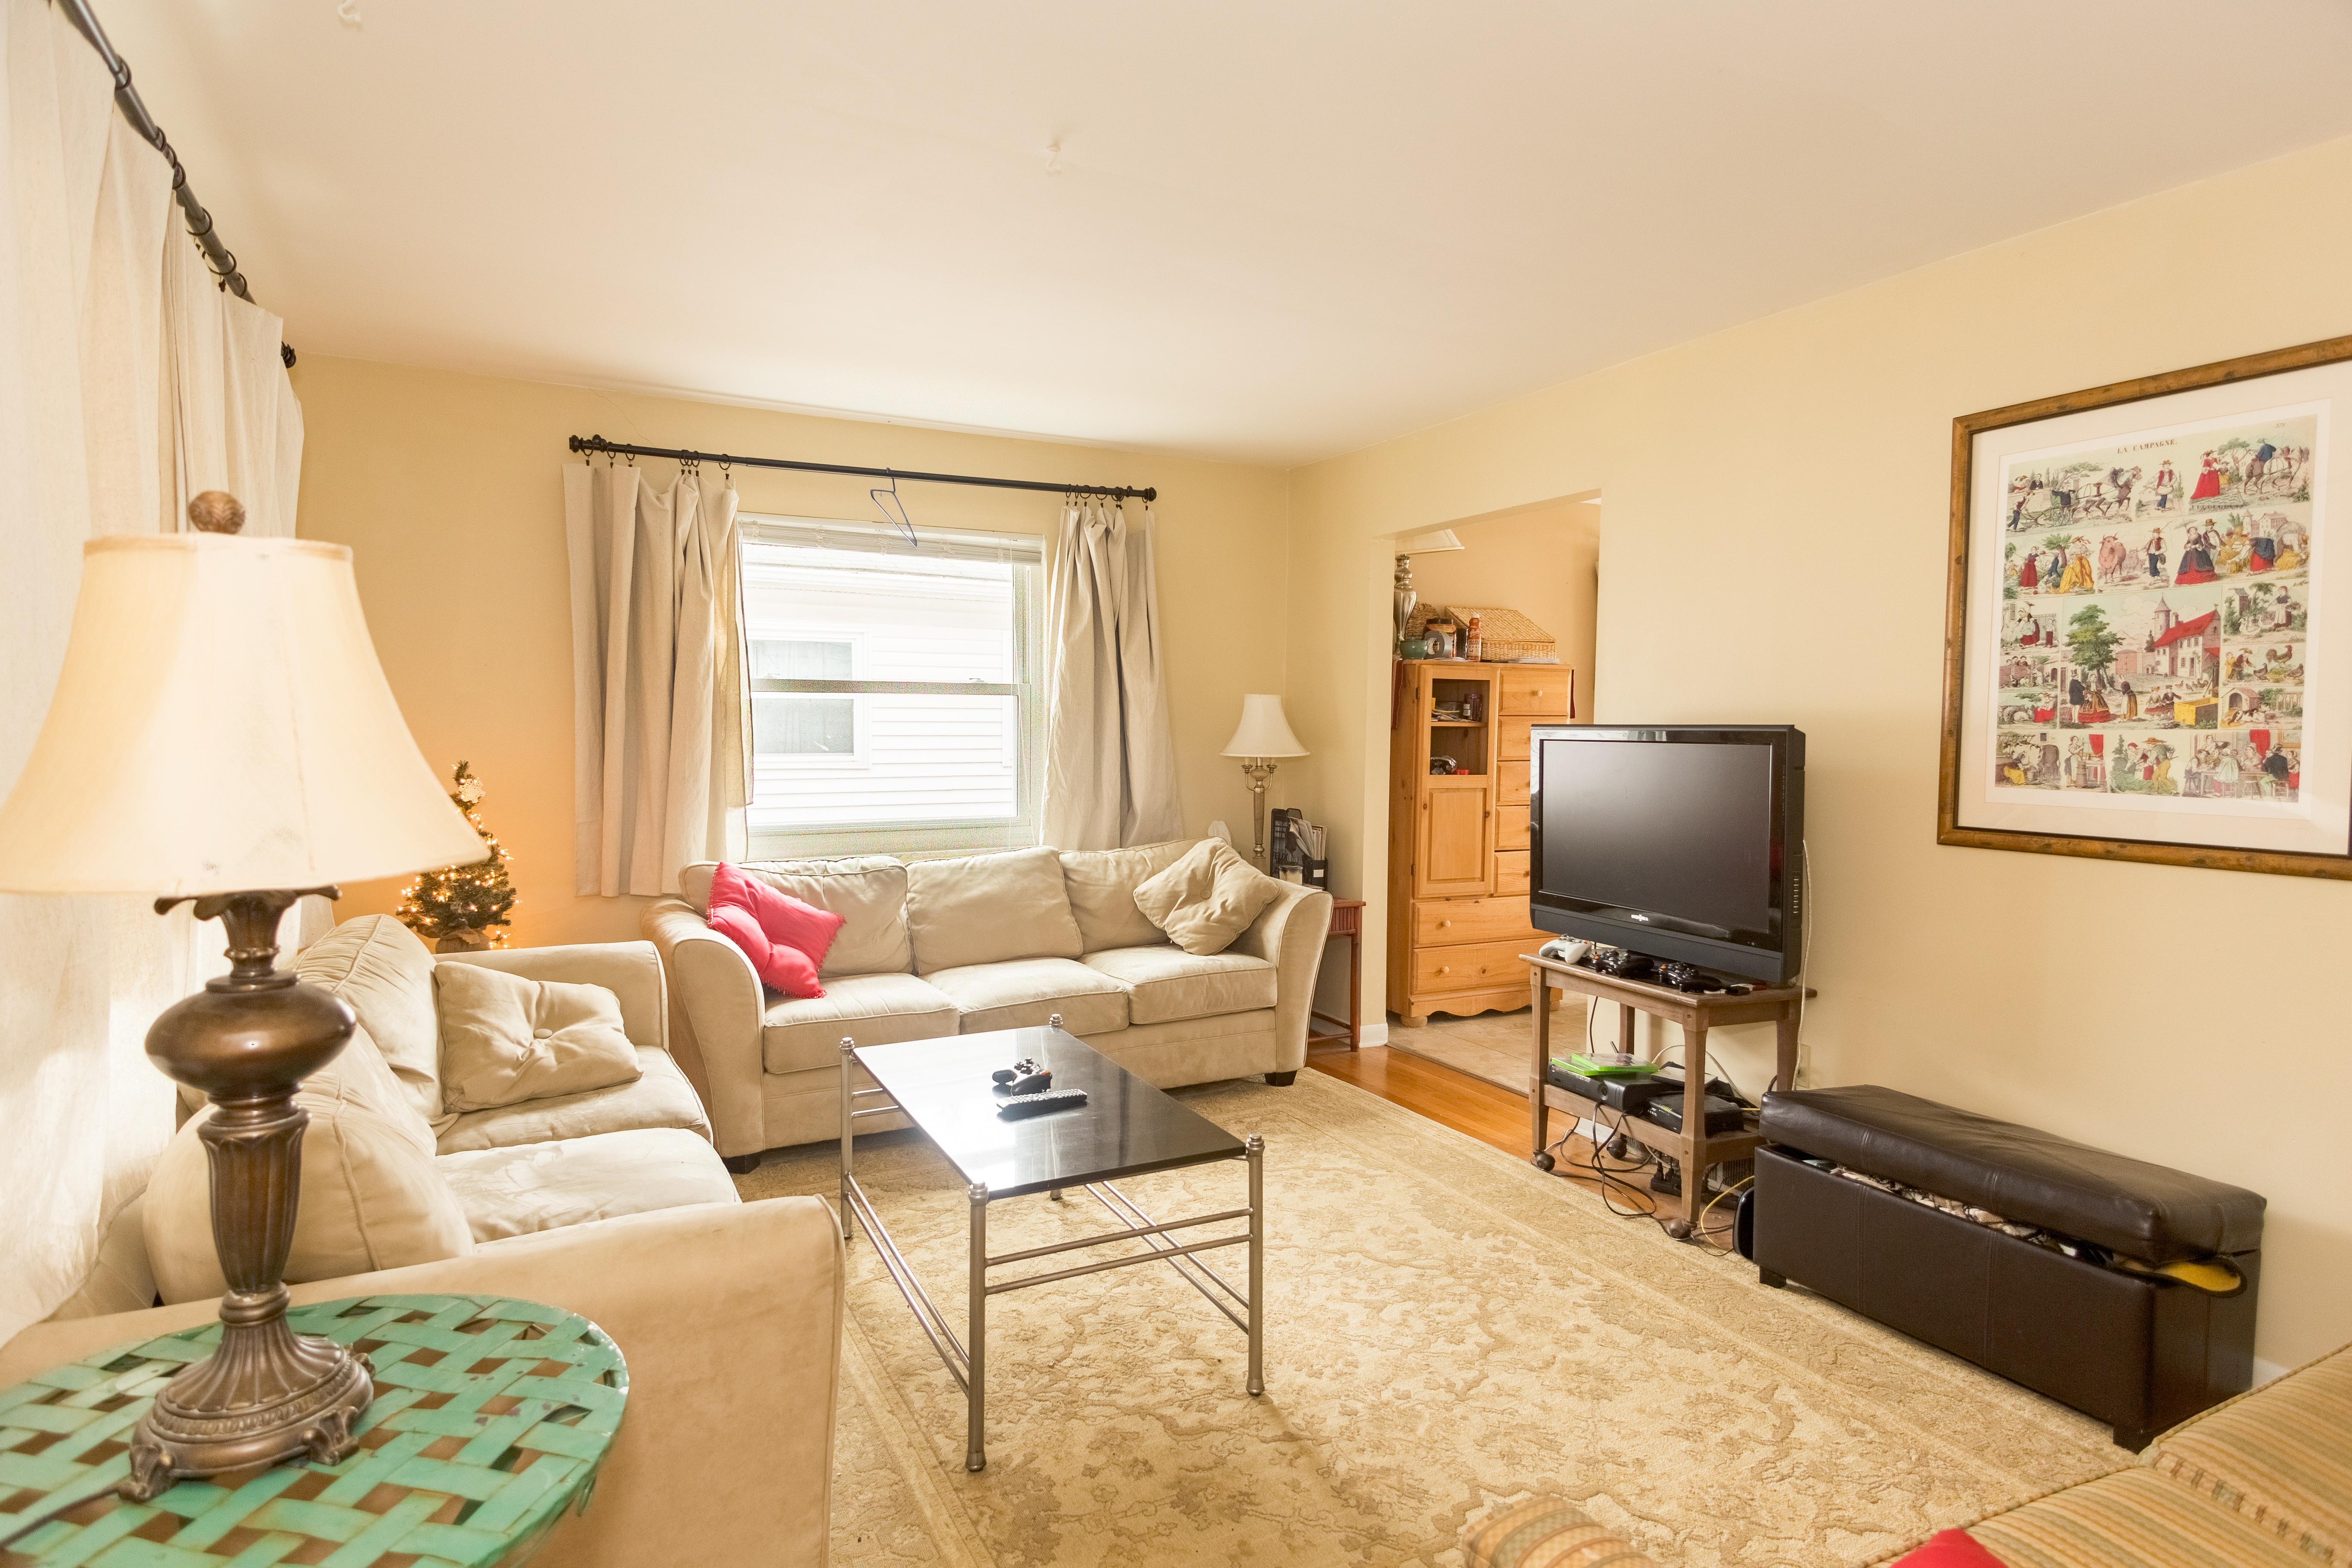 Living Room No Carpet